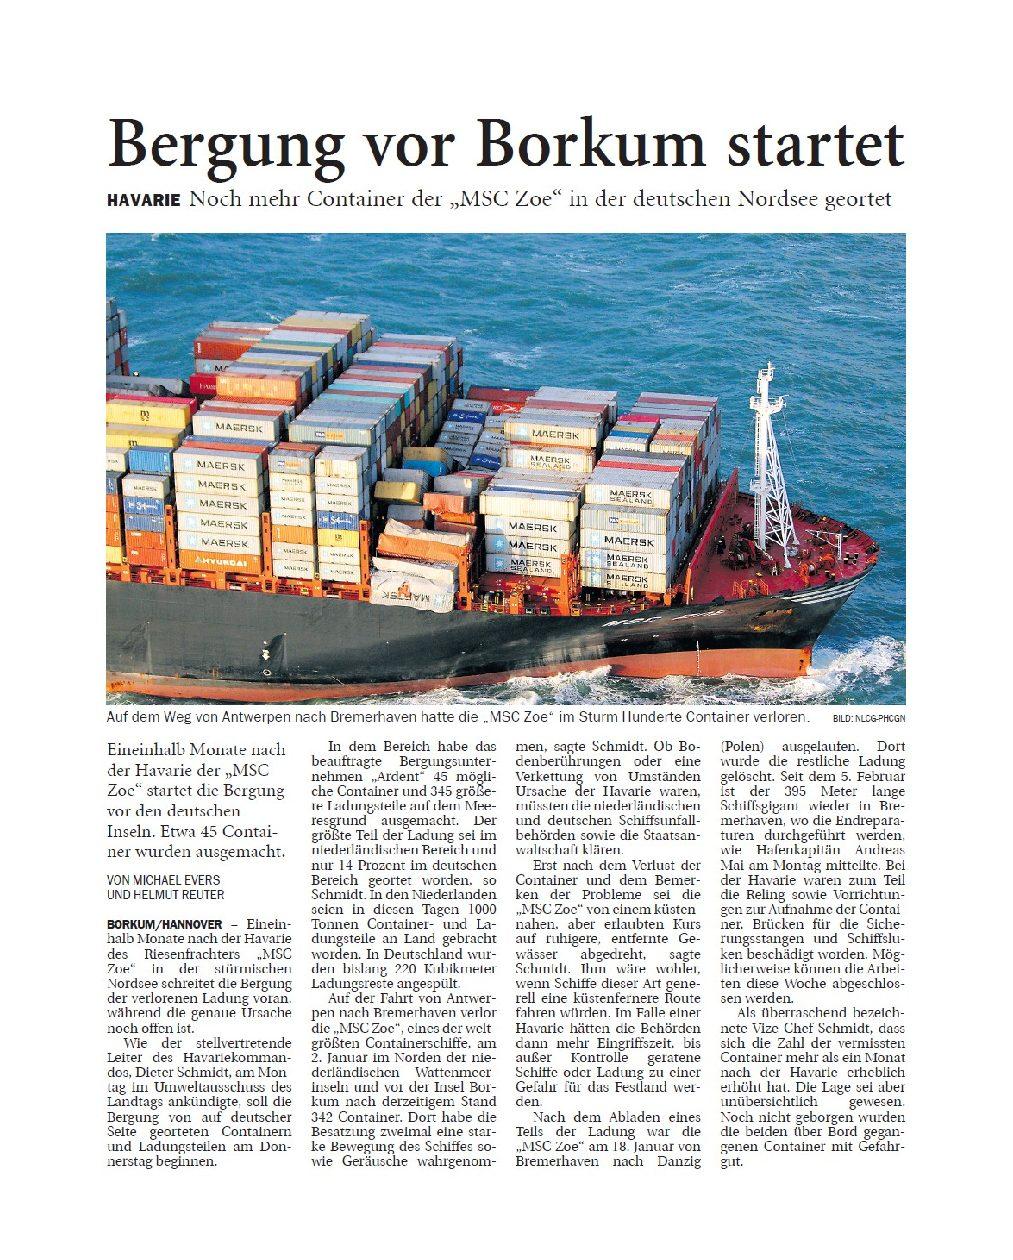 Jeversches Wochenblatt 19.02.2019